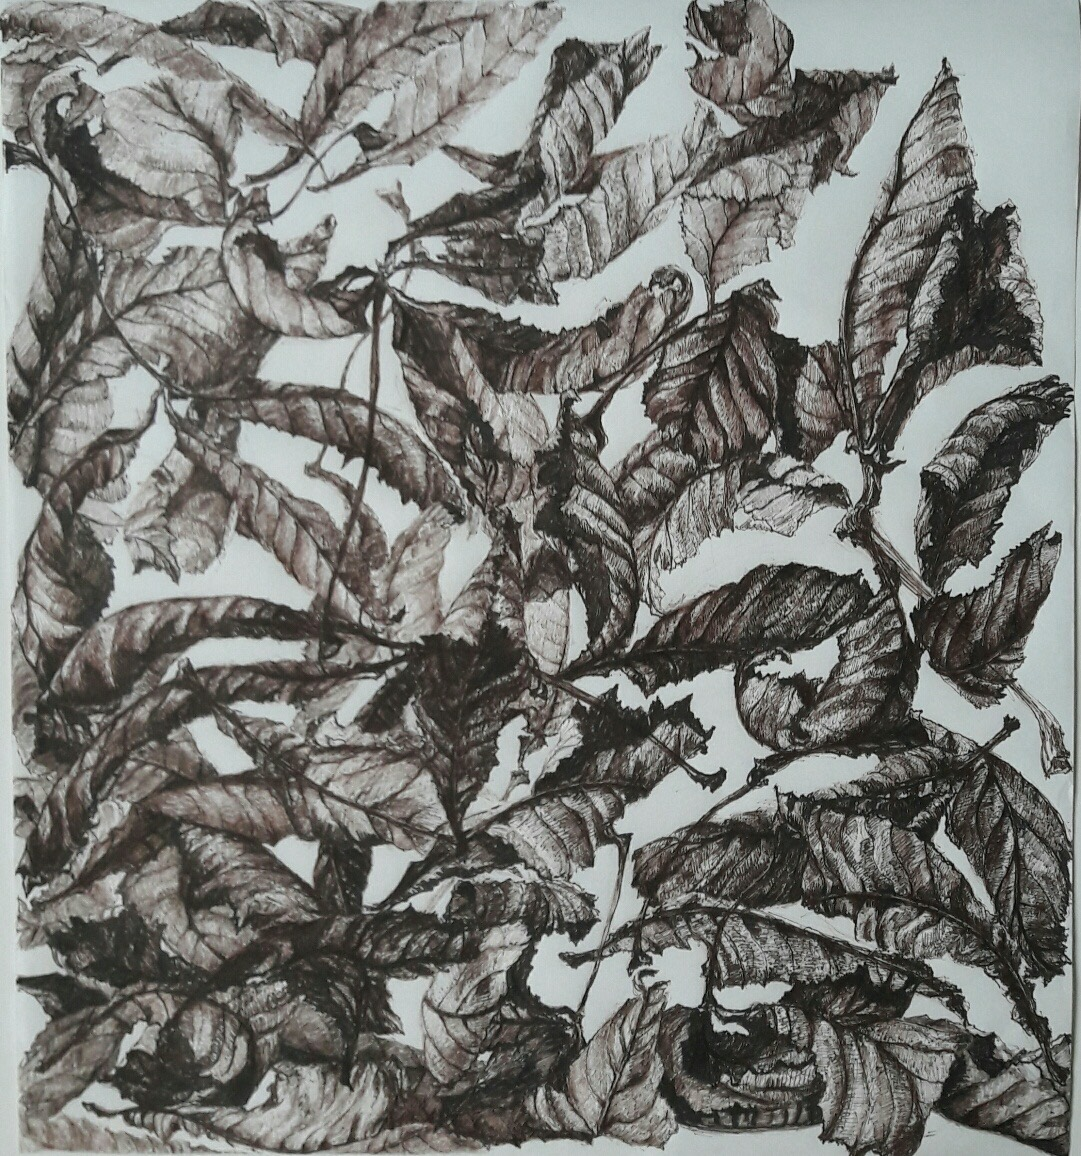 De Terre à Ciel, détail - Feutre sépia, 6 dessins de 50x50 cm